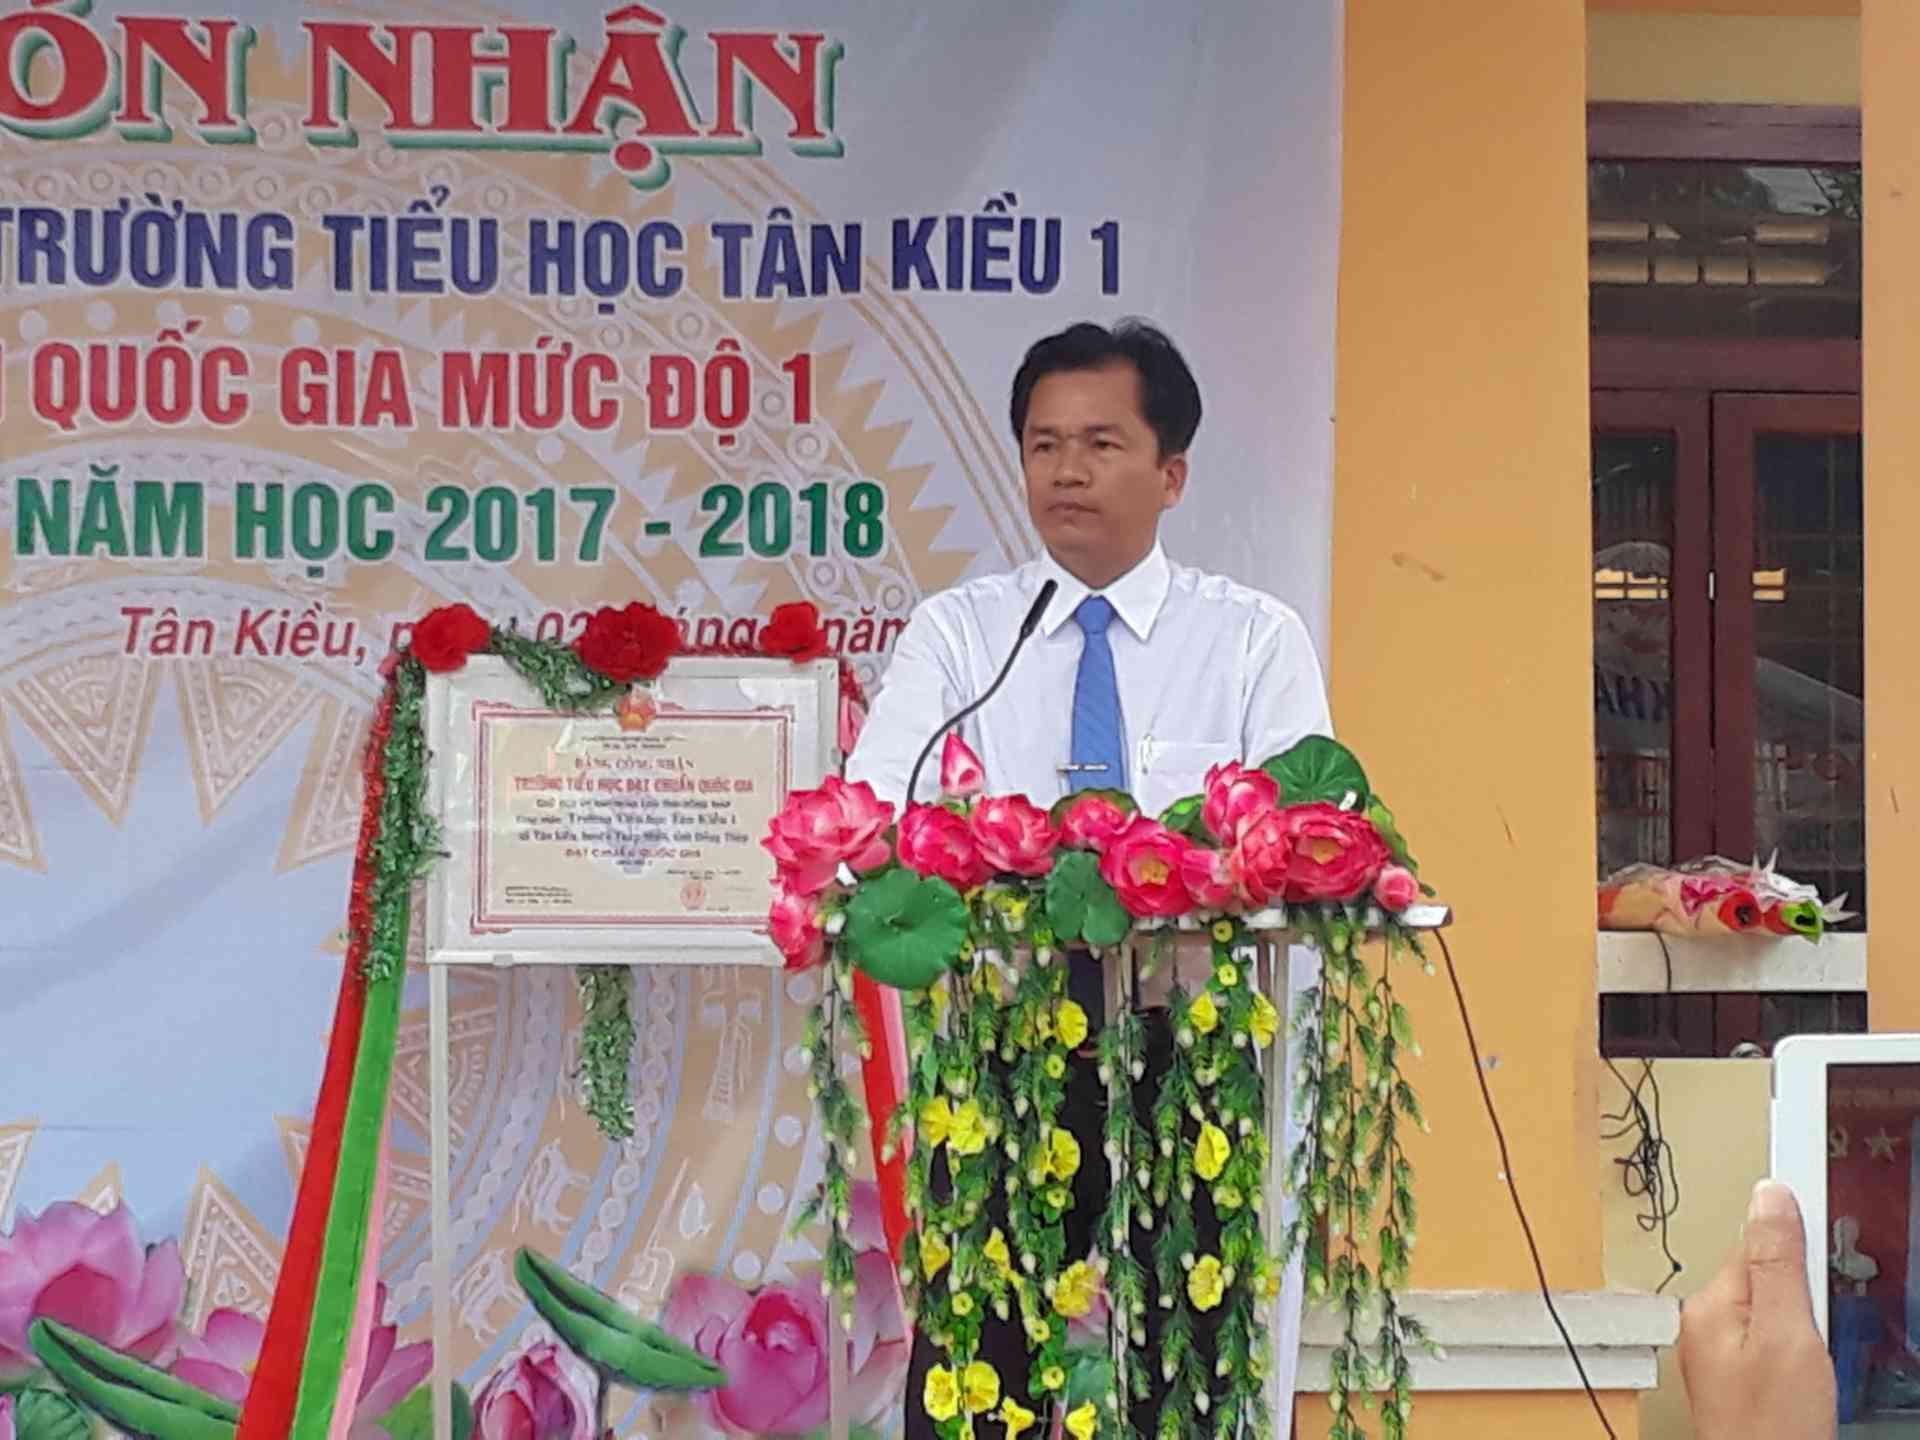 Ông Trần Văn Lập phó chủ tịch Ủy ban nhân dân huyện Tháp Mười phát biểu chỉ đạo.